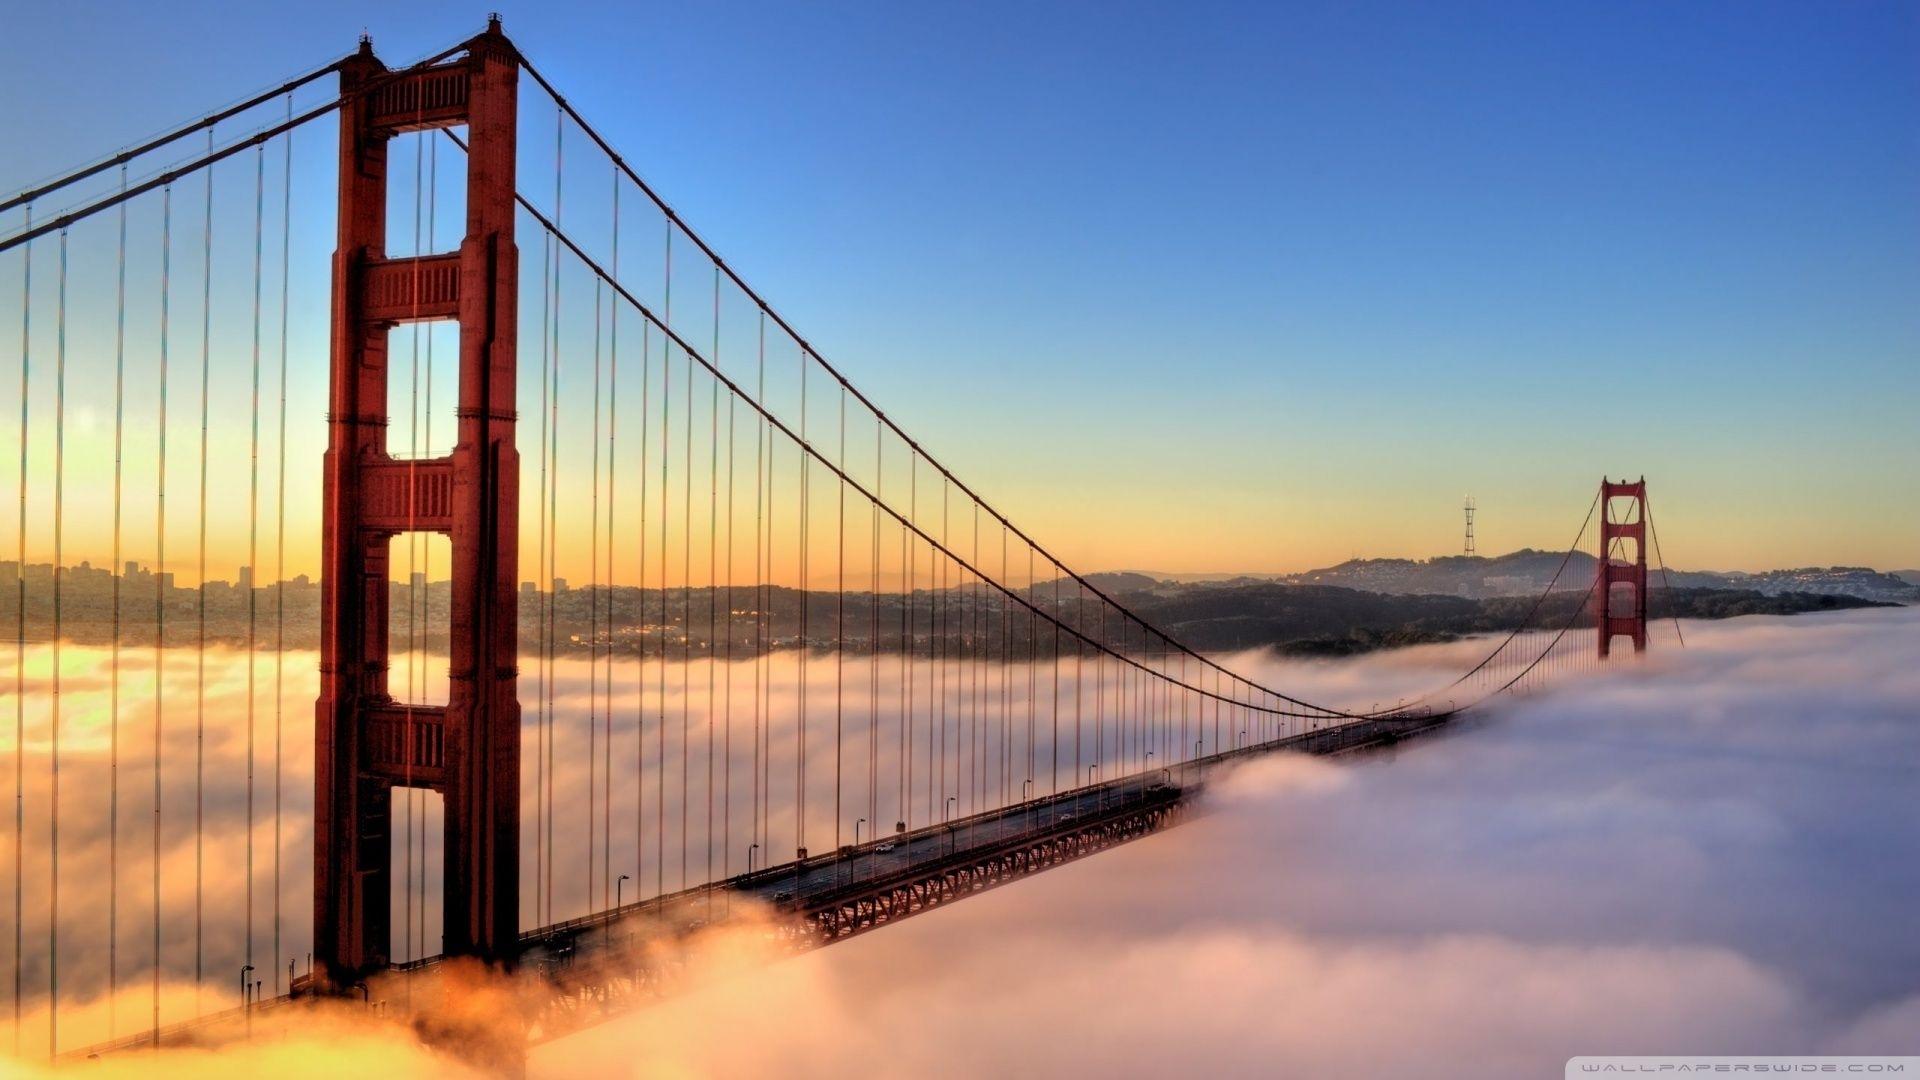 golden gate bridge envelopedfog hd desktop wallpaper high